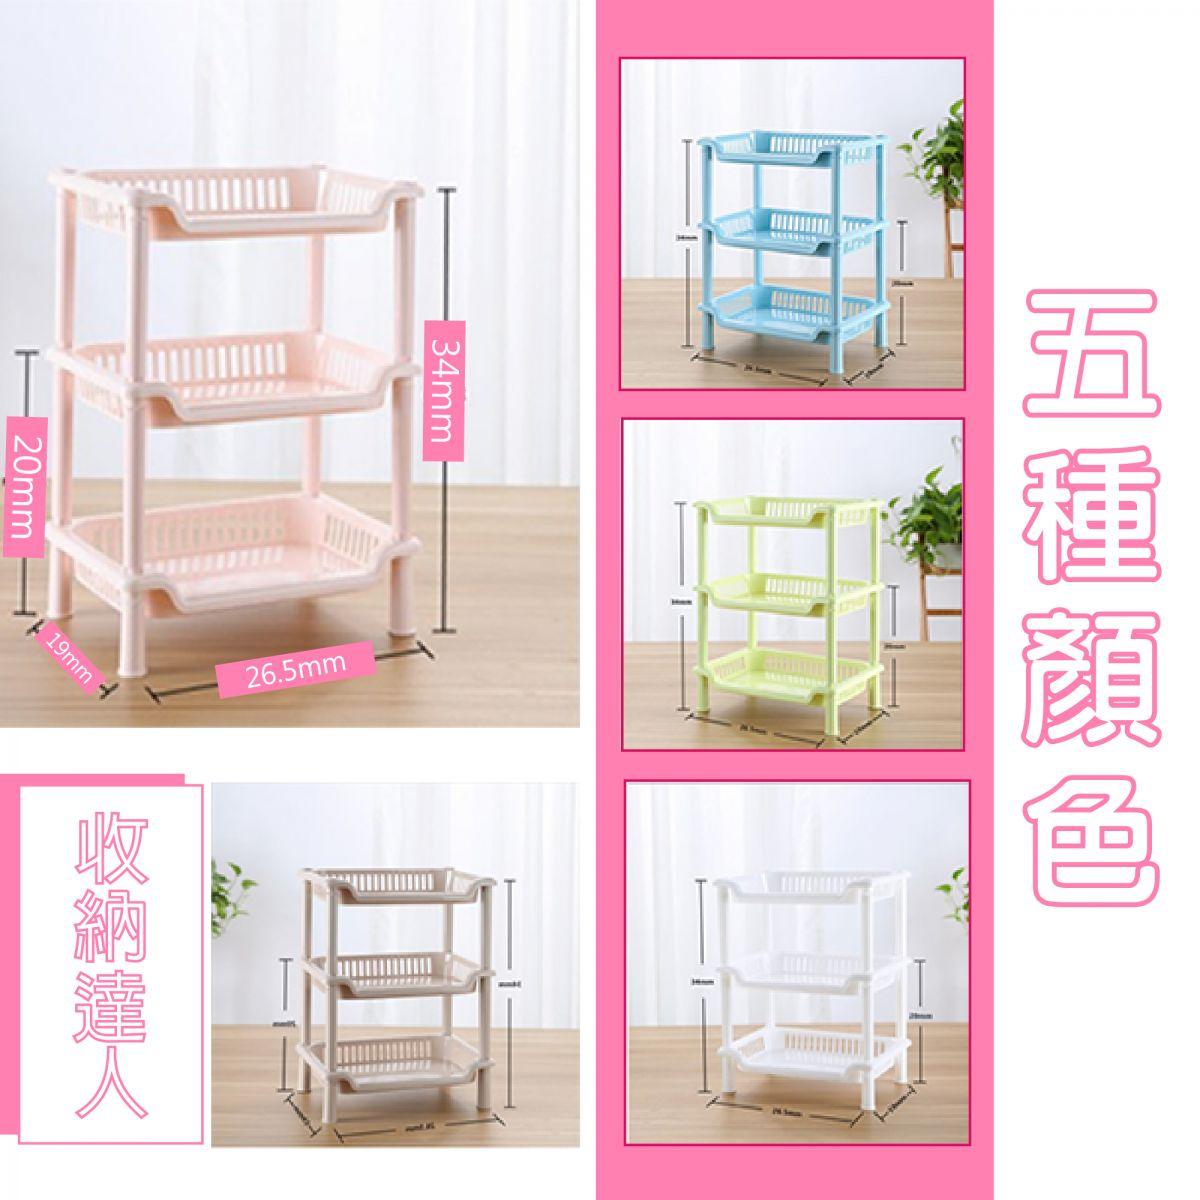 【aife life】方型三層收納架/浴室整理架/多層收納架/廚房整理盒/廁所收納/塑膠櫃/置物櫃/整理櫃/儲物架